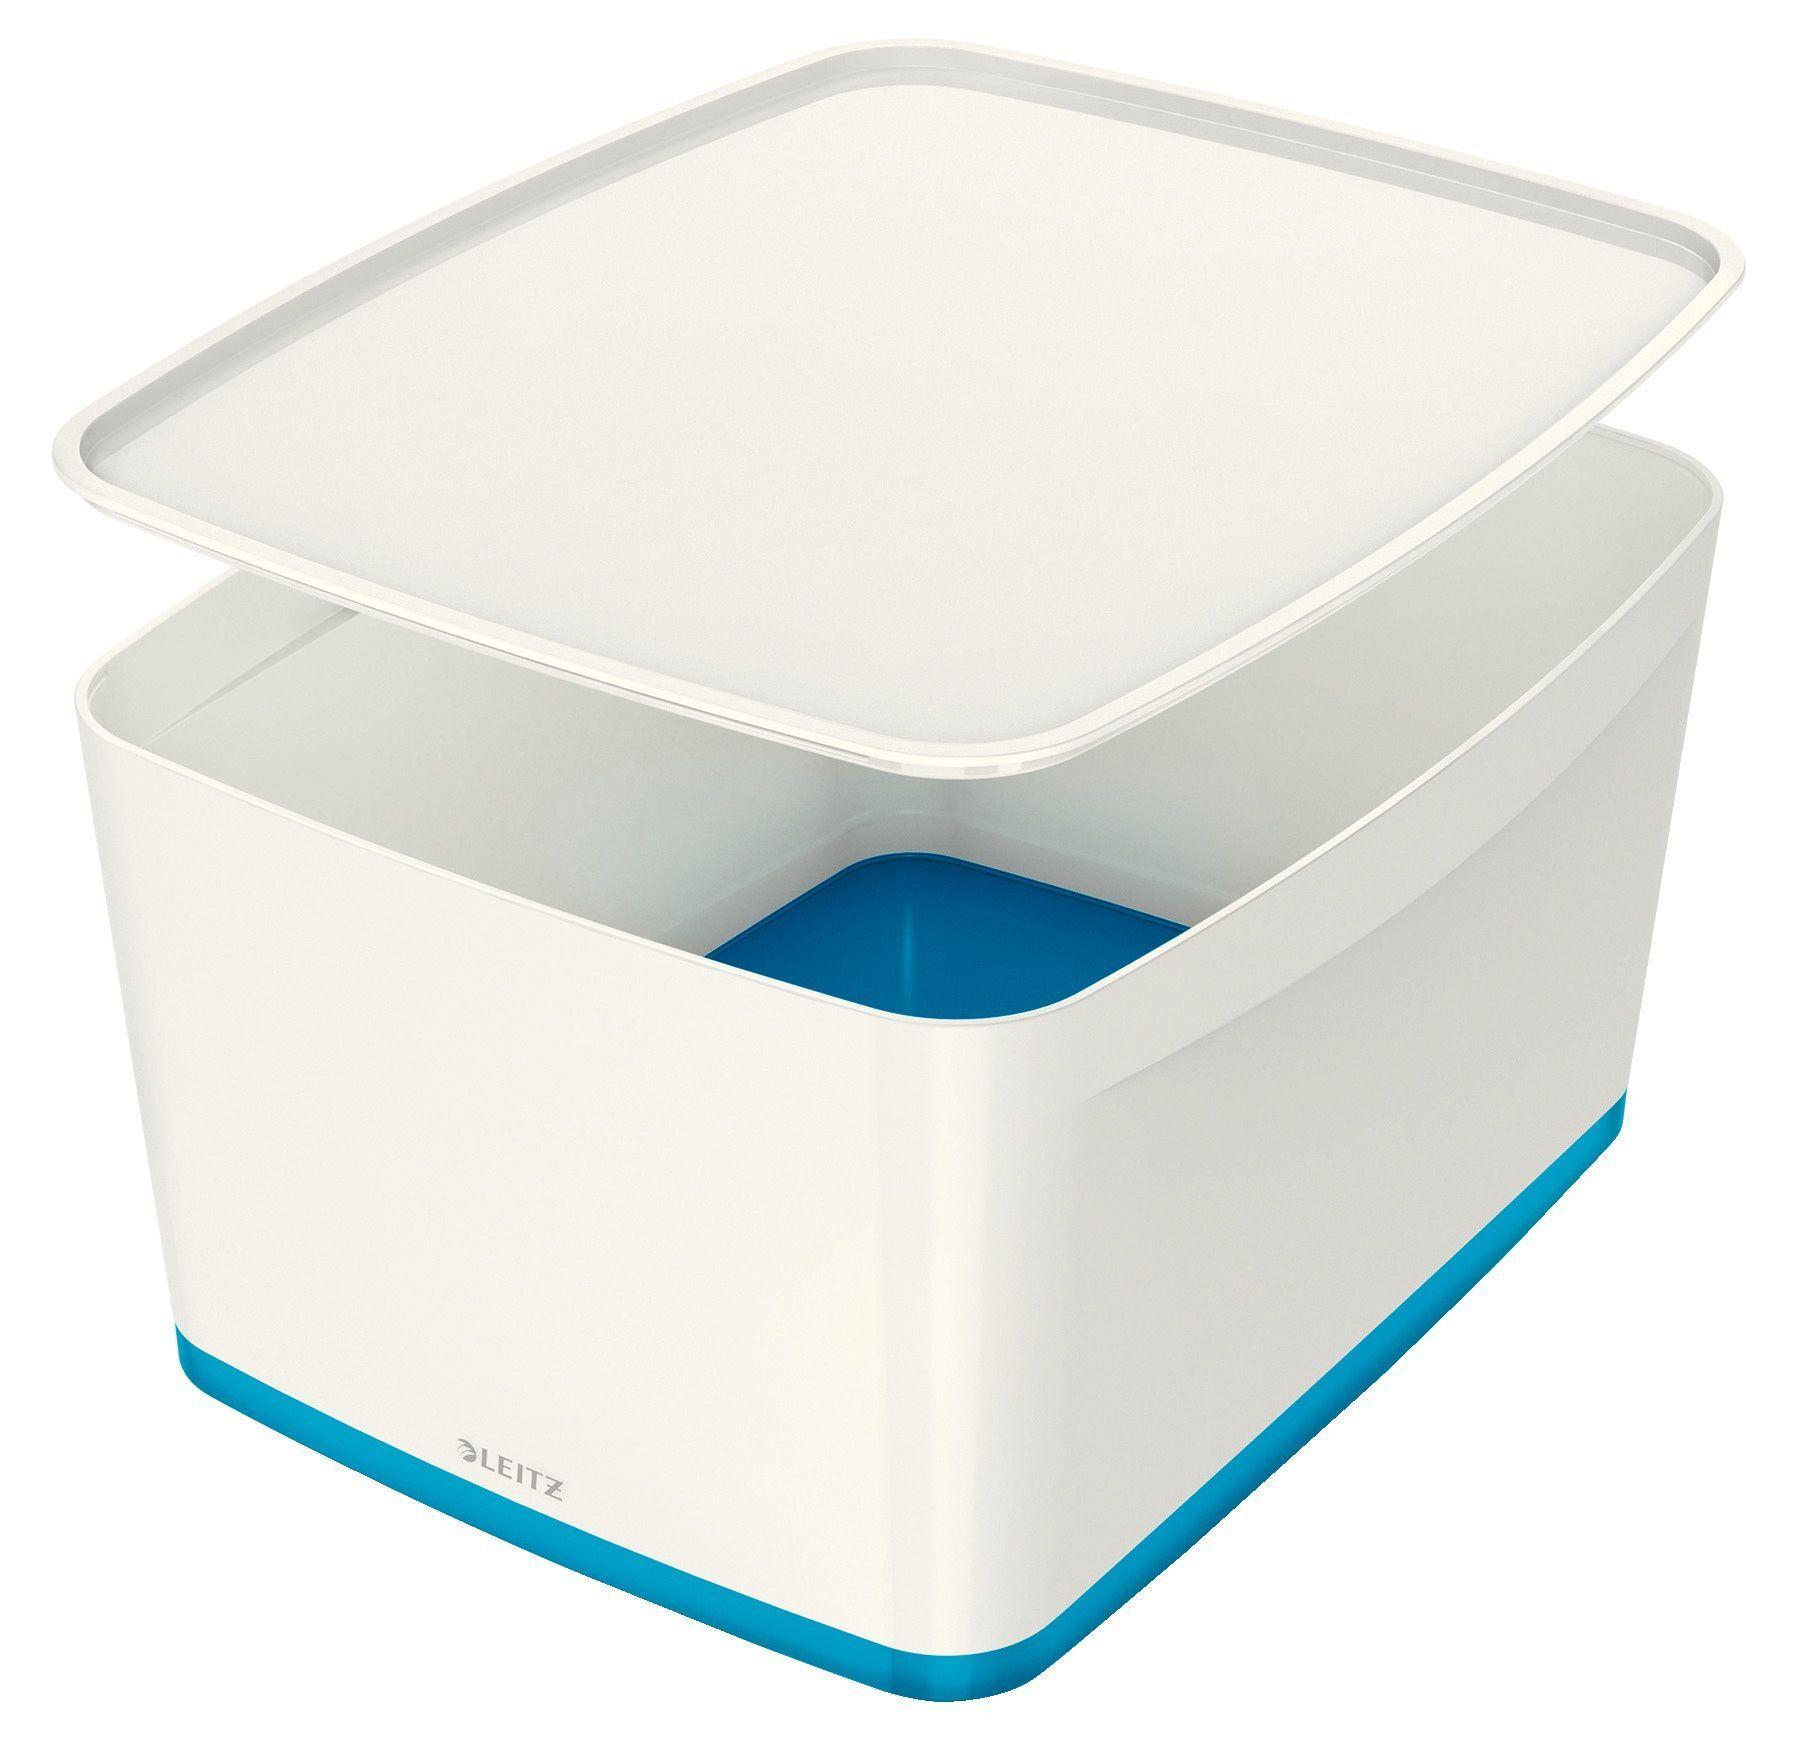 Leitz 52161036 Leitz Oppbevaringsboks m/lokk L hvit/blå